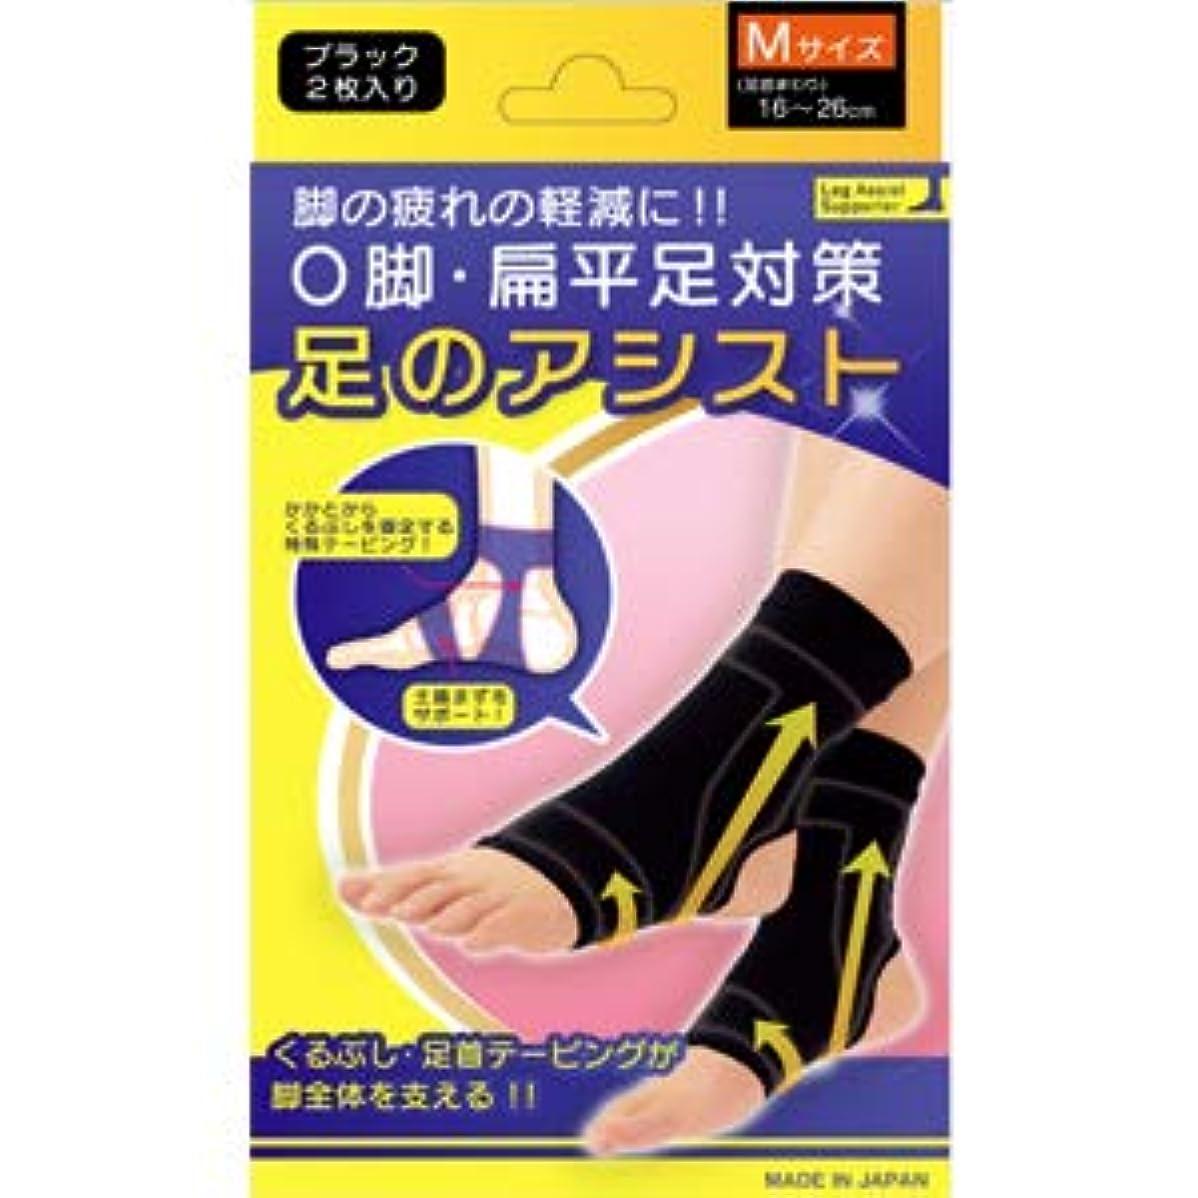 トーン敵意方程式美脚足のアシスト ブラック 2枚入り Mサイズ(足首まわり16~26cm)